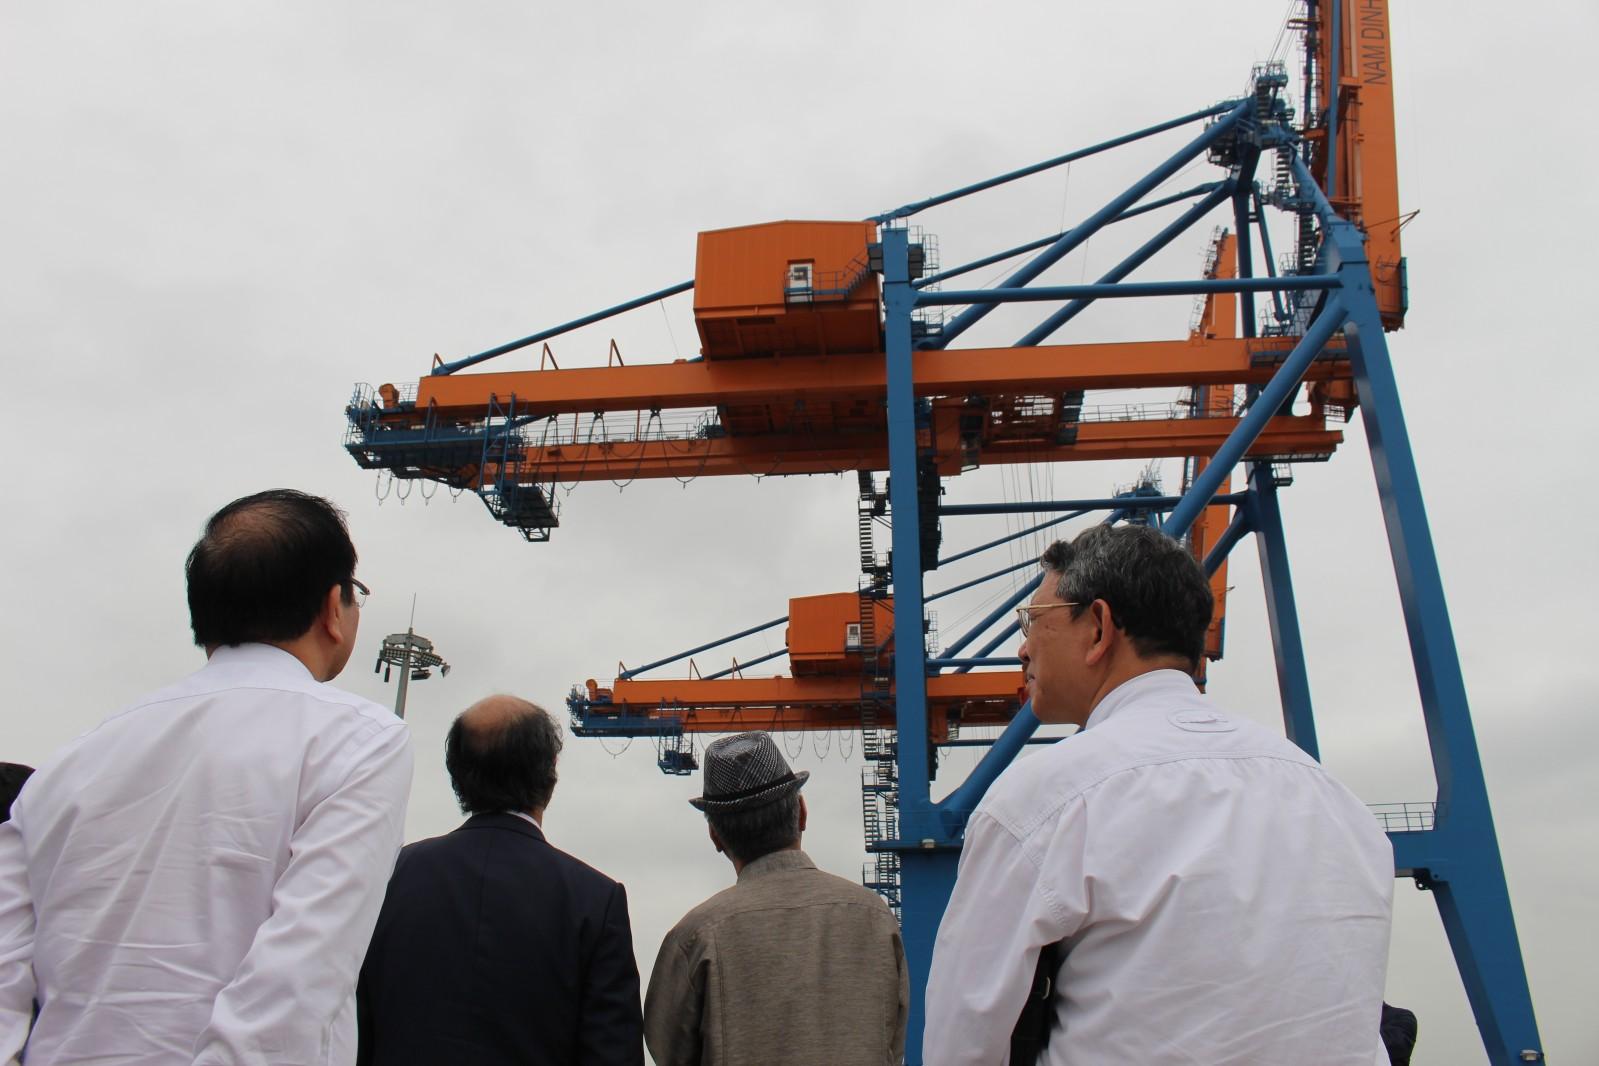 hu công nghiệp Nam Đình Vũ được xây dựng với quỹ đất sạch lớn, hạ tầng đồng bộ, sở hữu 4 phân khu chức năng tổng hợp đa dịch vụ